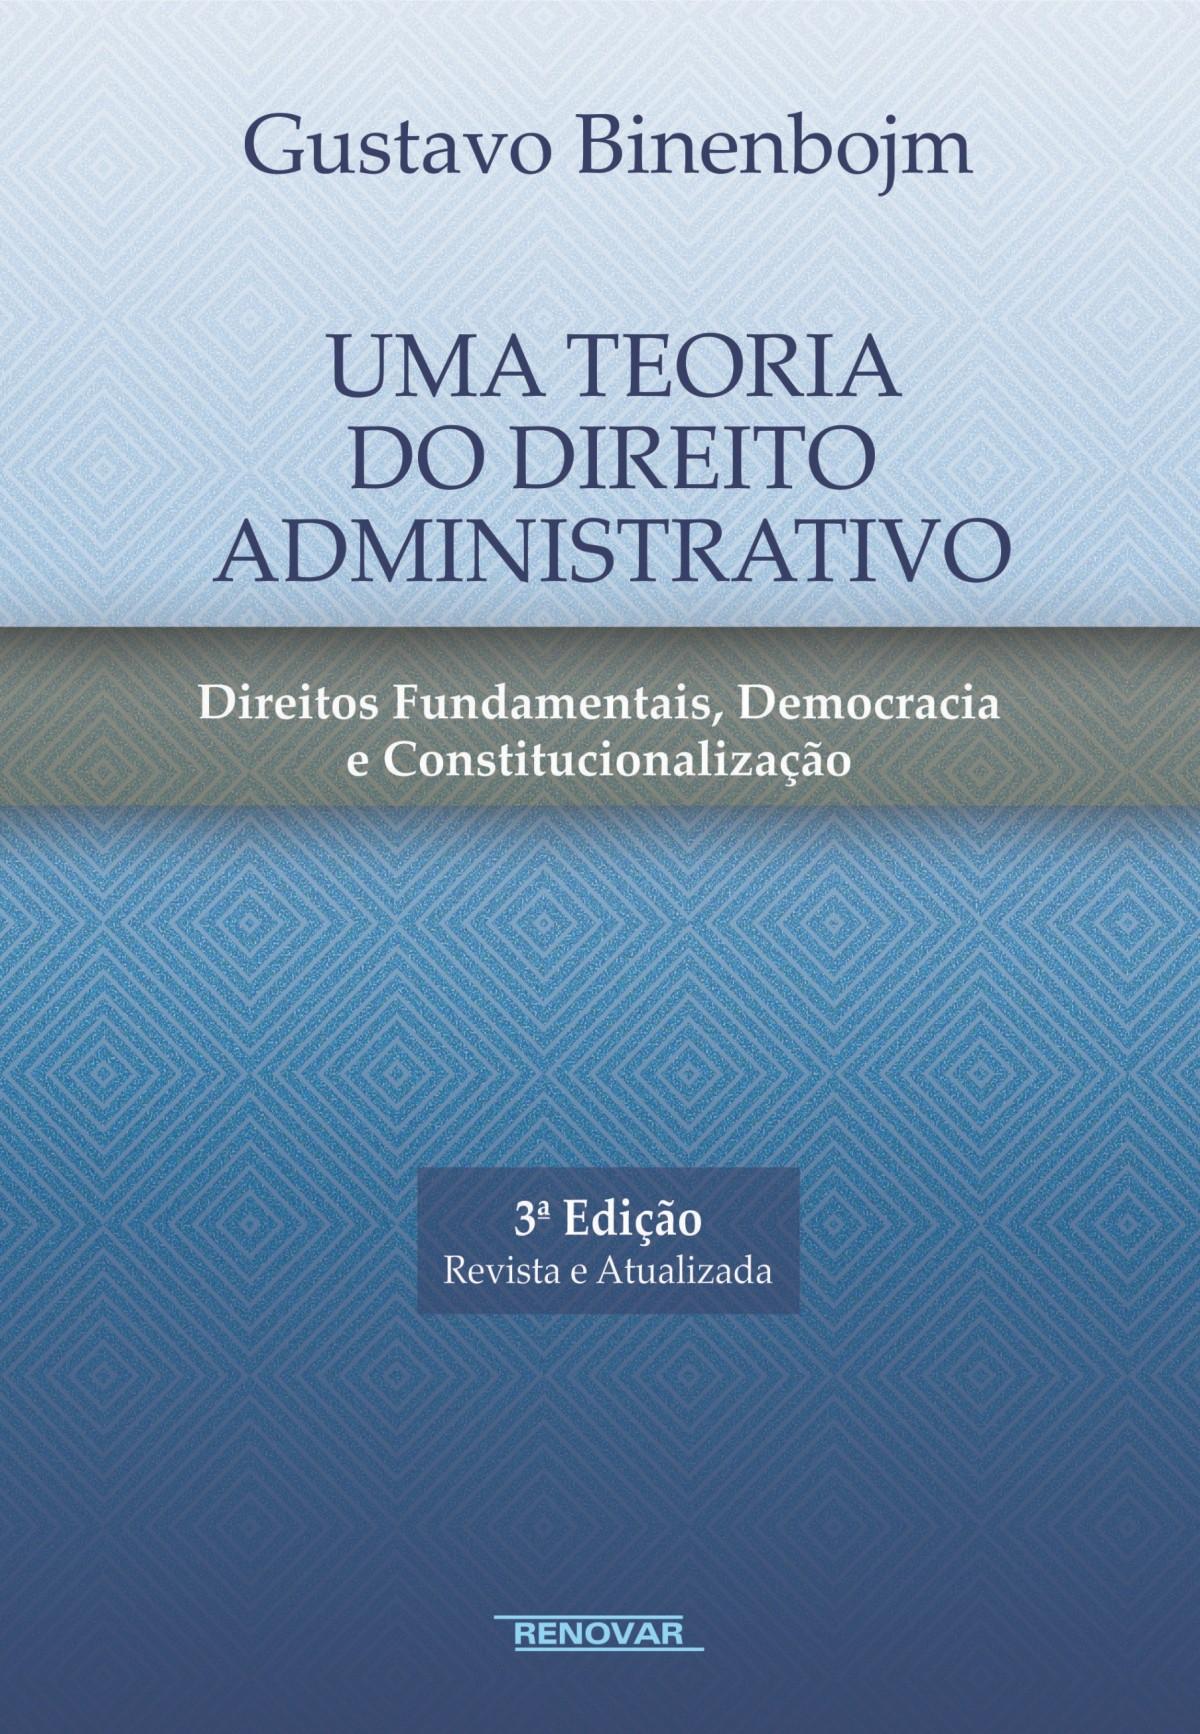 Foto 1 - Uma Teoria do Direito Administrativo